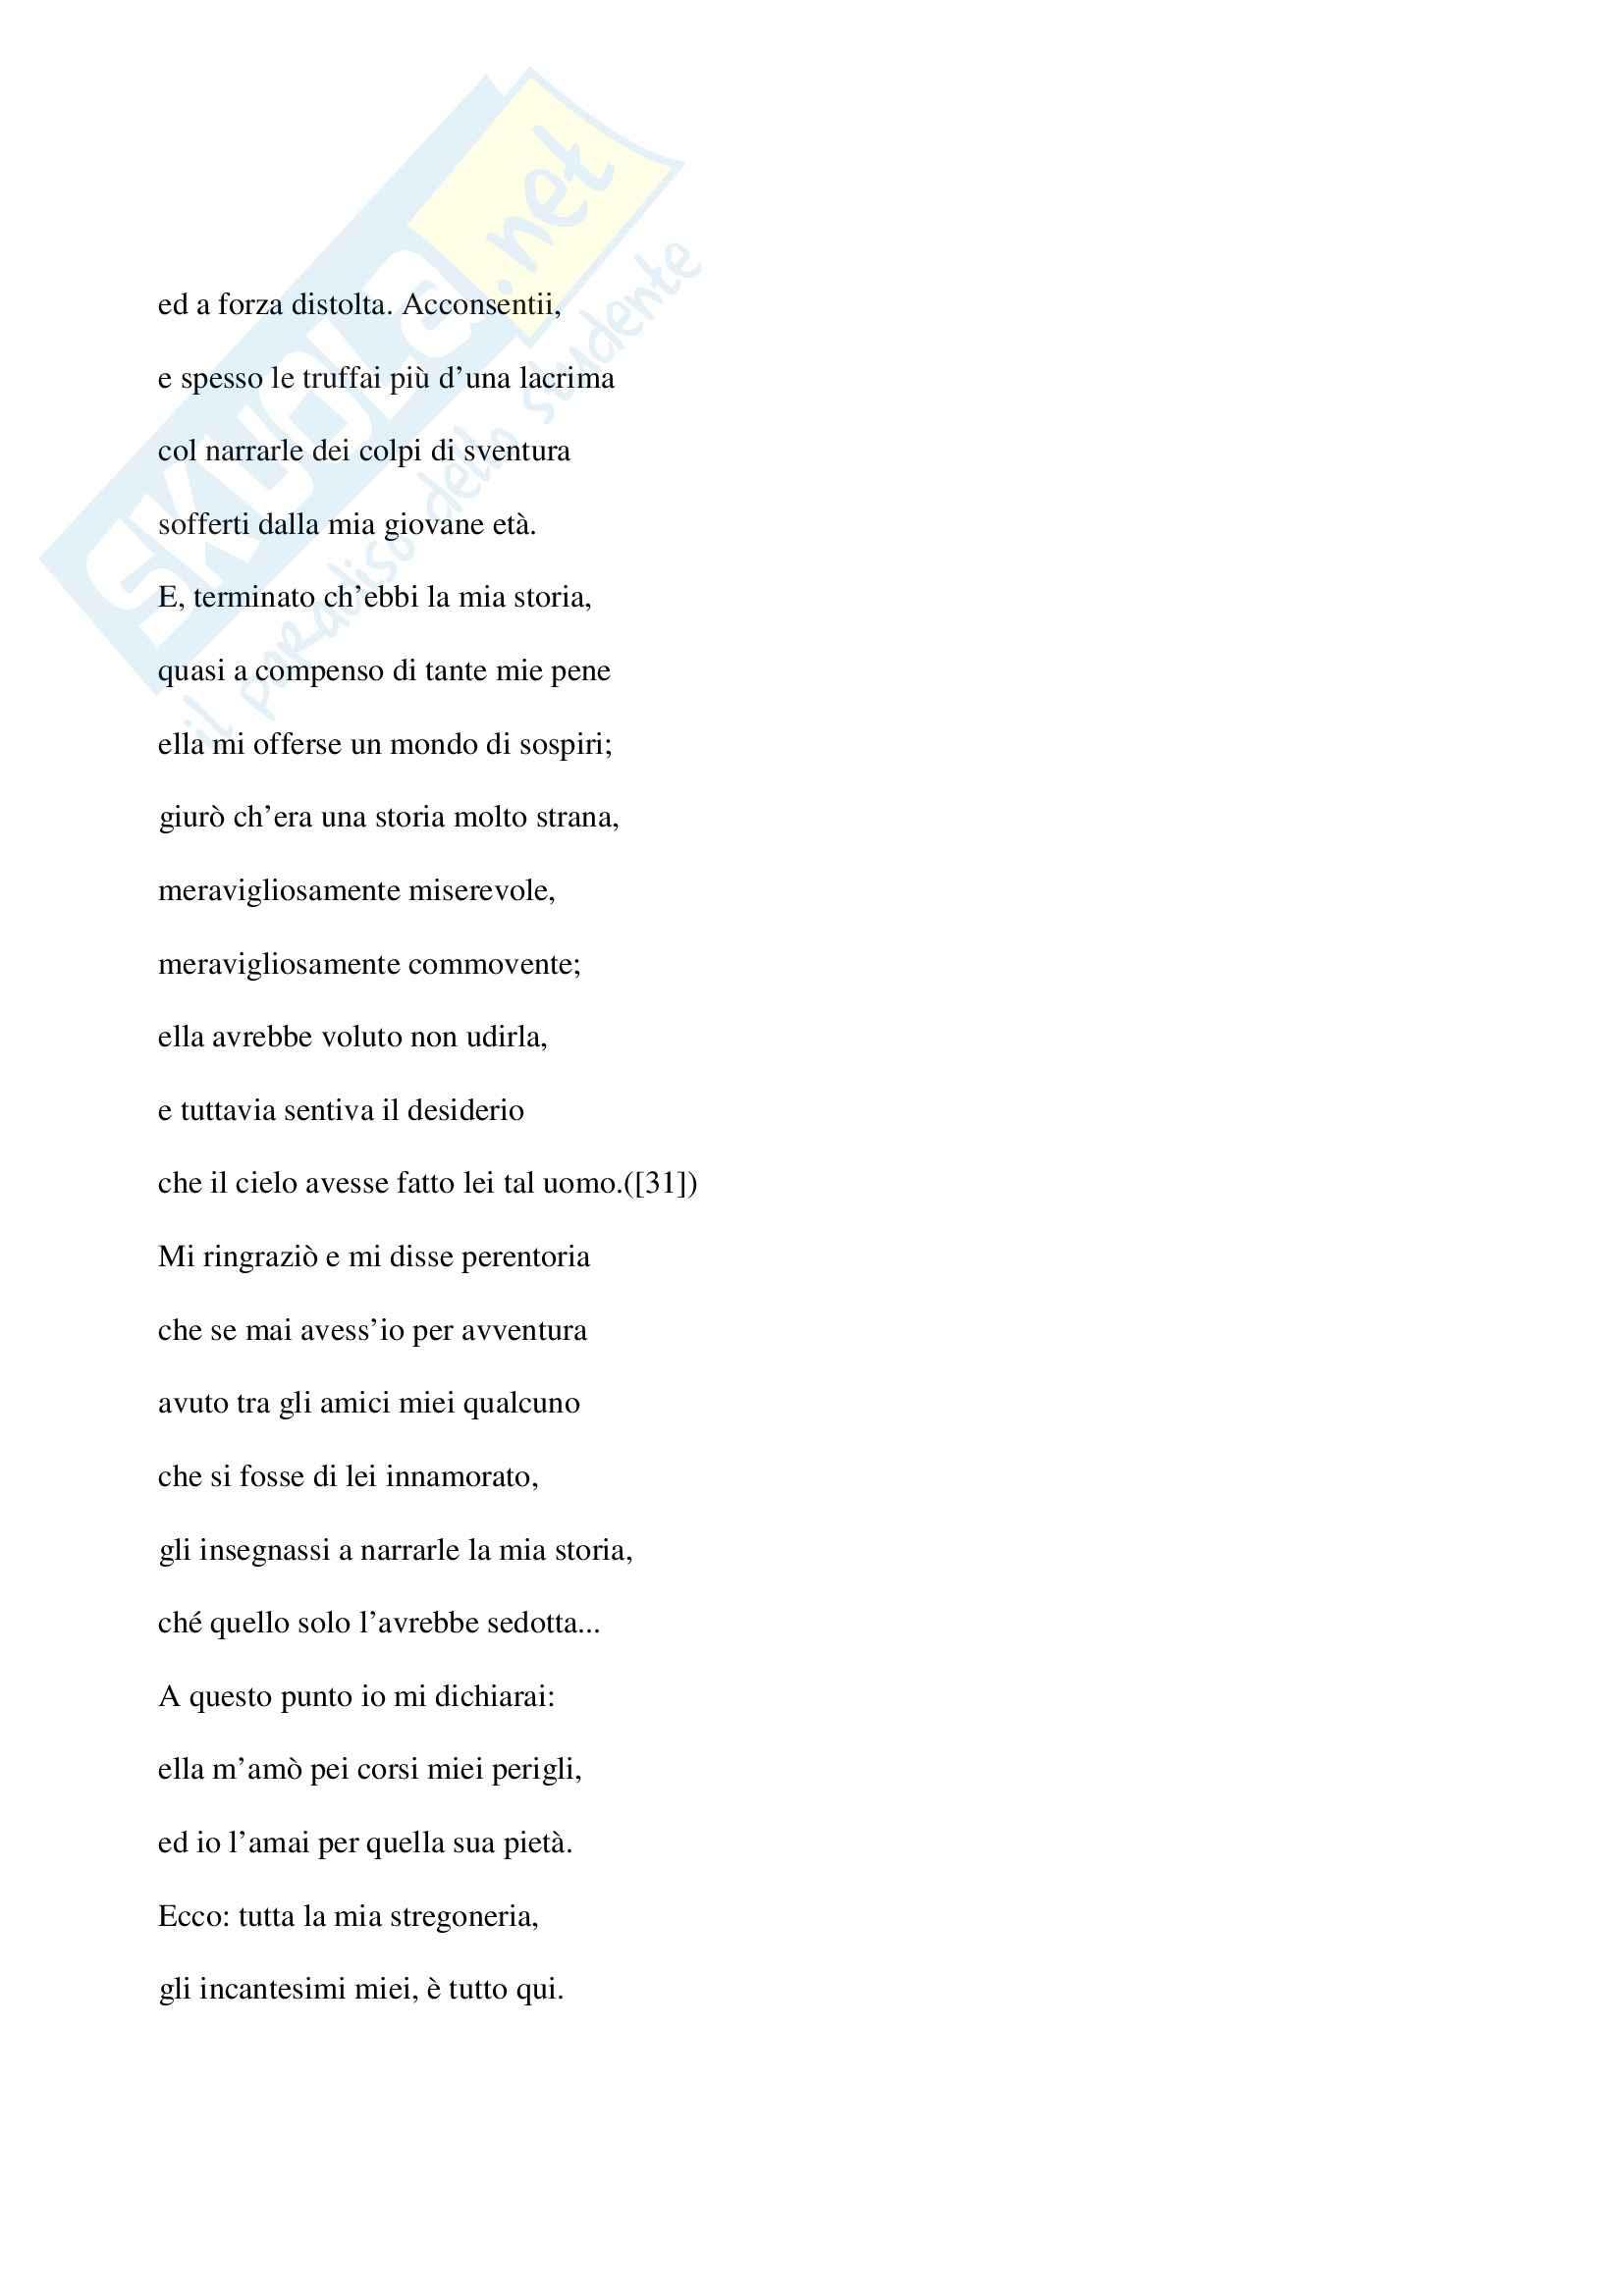 Otello, Shakespeare - Testo completo Pag. 41